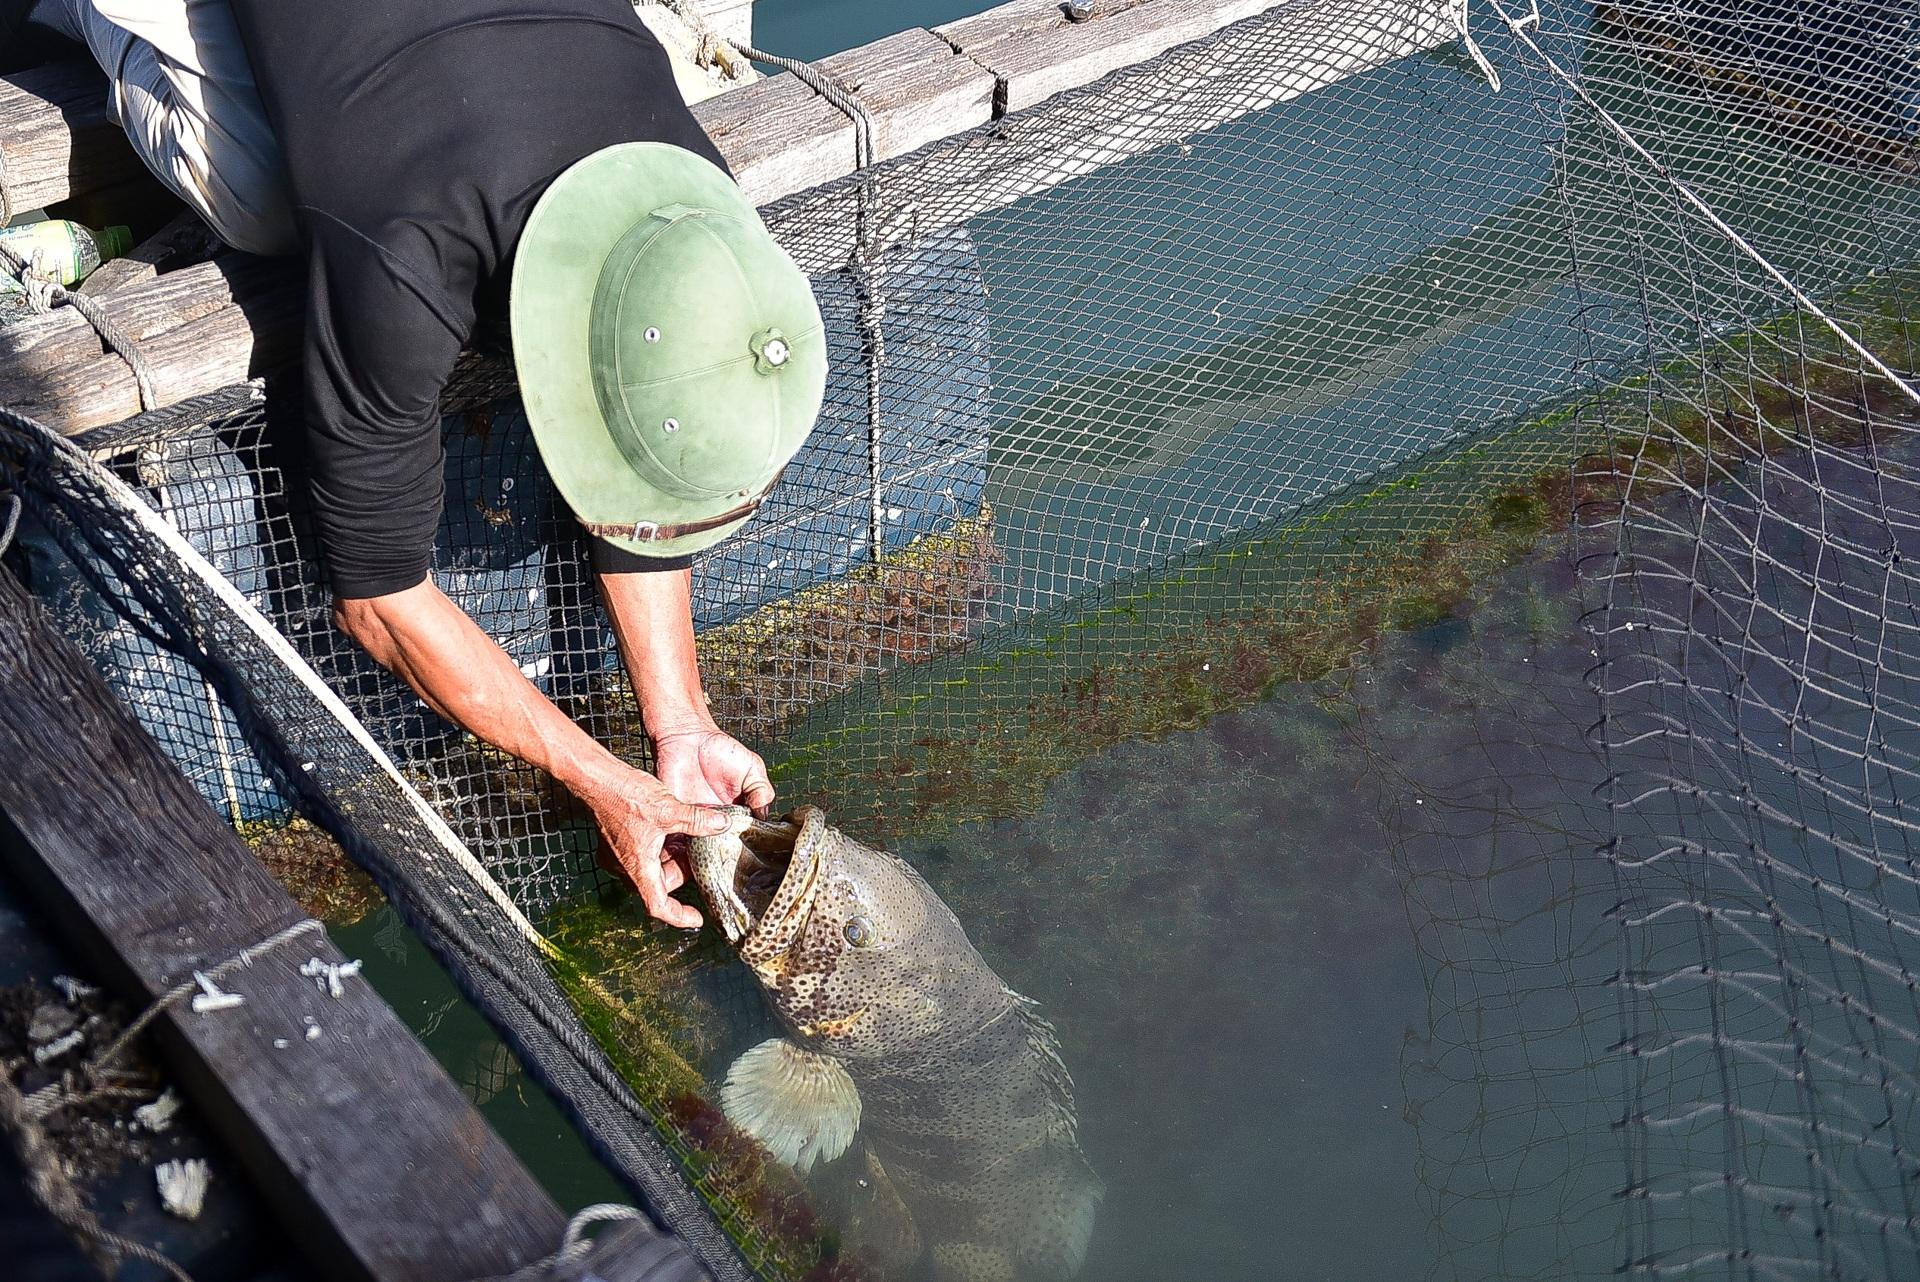 Chuyện lạ tại Quảng Ninh: Cá song mê đánh răng, thích vuốt ve, trò chuyện với người - 4